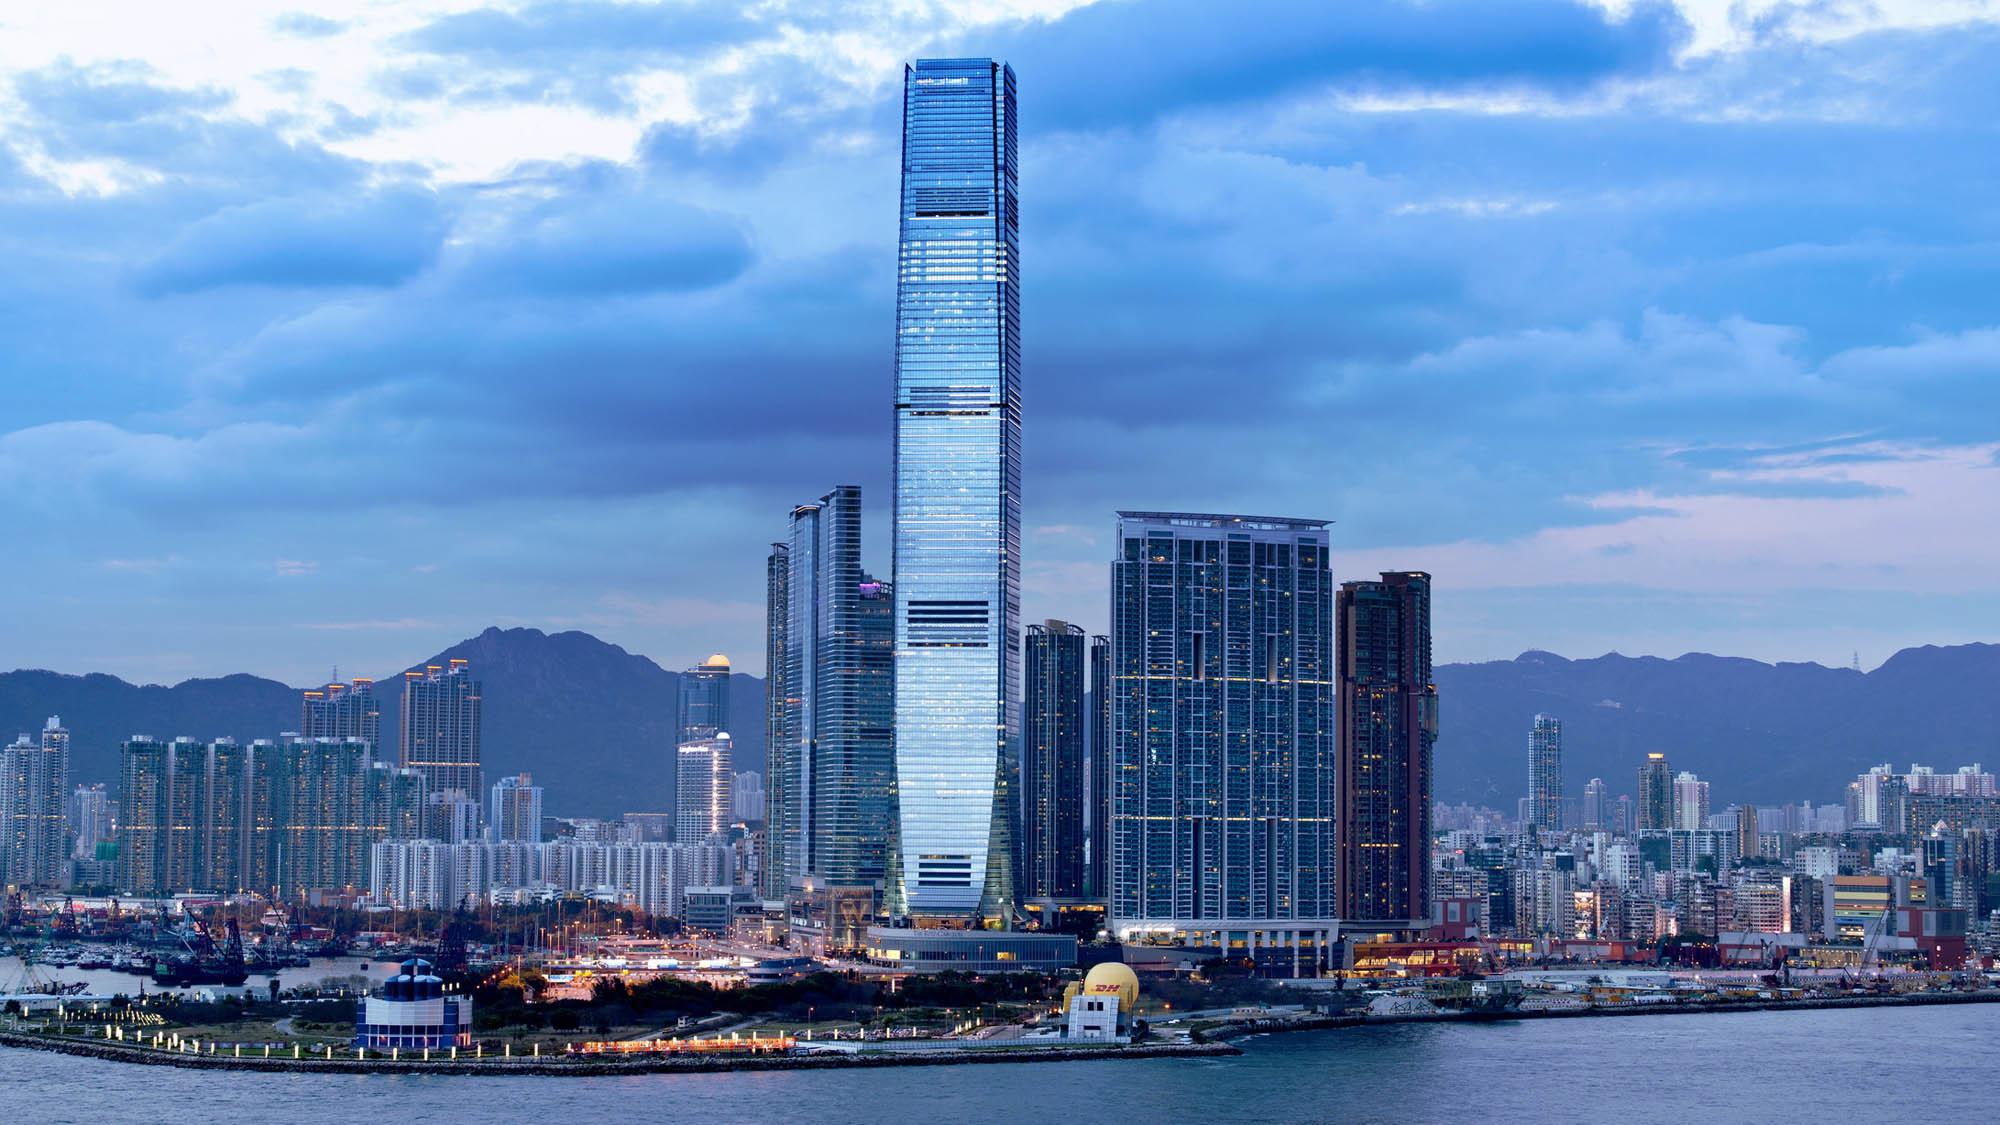 ICC, West Kowloon